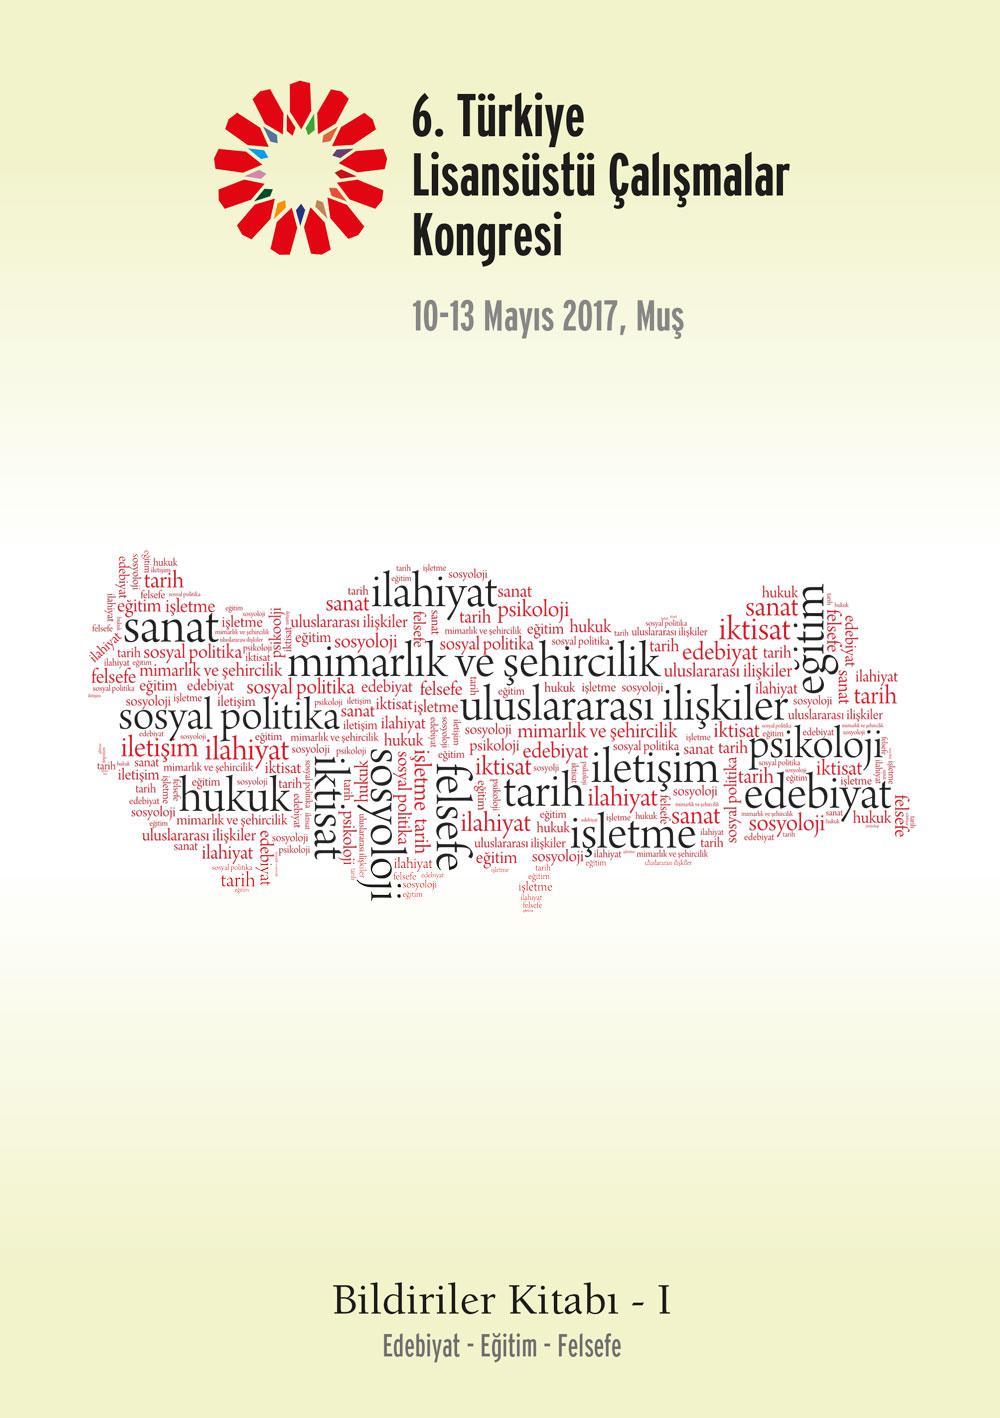 6. Türkiye Lisansüstü Çalışmalar Kongresi Bildiriler Kitabı